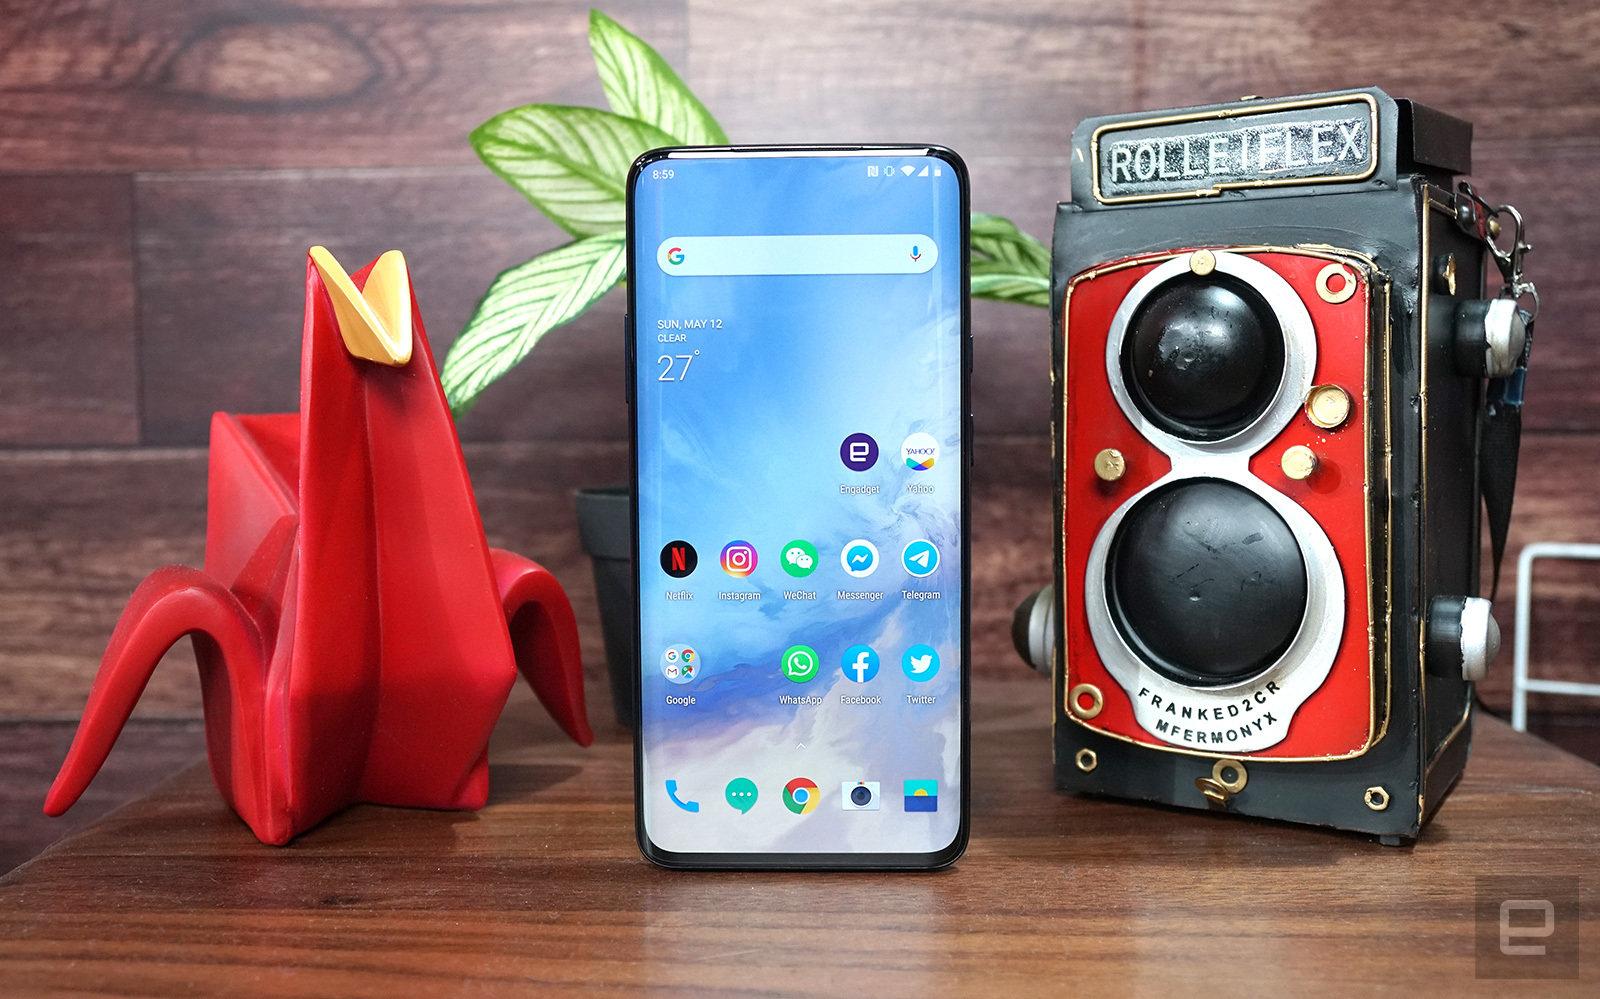 چرا وانپلاس 7 پرو یک گوشی هوشمند با ارزش است؟ با نظرات سایر کاربران آشنا شوید